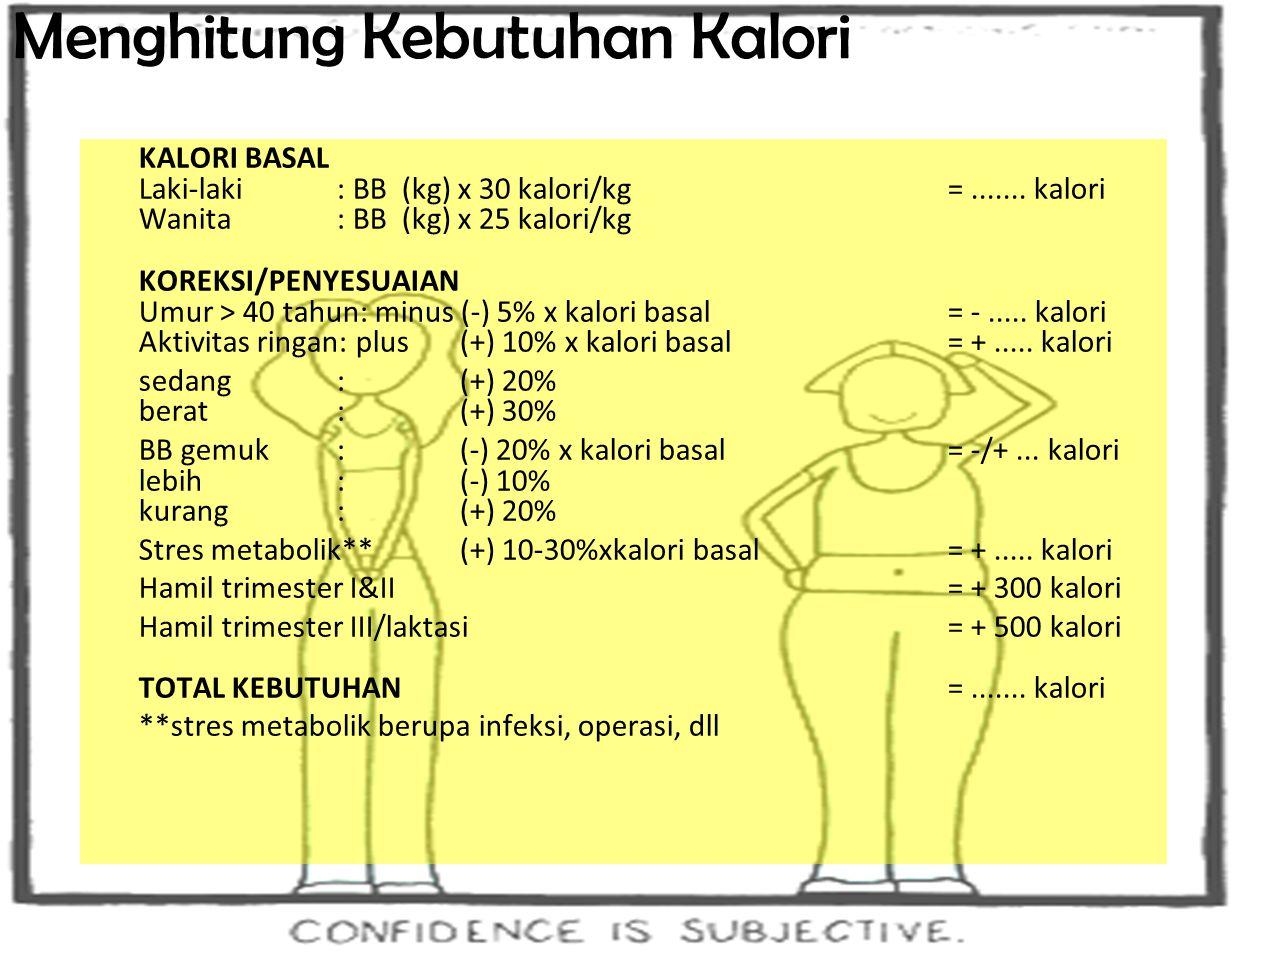 18 Cara Menentukan Kebutuhan Kalori  Hitung Indeks Massa Tubuh (IMT) IMT = berat badan (kg)/ [tinggi (m)] 2  Tentukan BB ideal dengan klasifikasi IMT BB kurang : = 23,0 BB lebih dengan risiko: 23,0 - 24,9 Obes I: 25,0 - 29,9 Obes II: >= 30  Hitung Kebutuhan Kalori